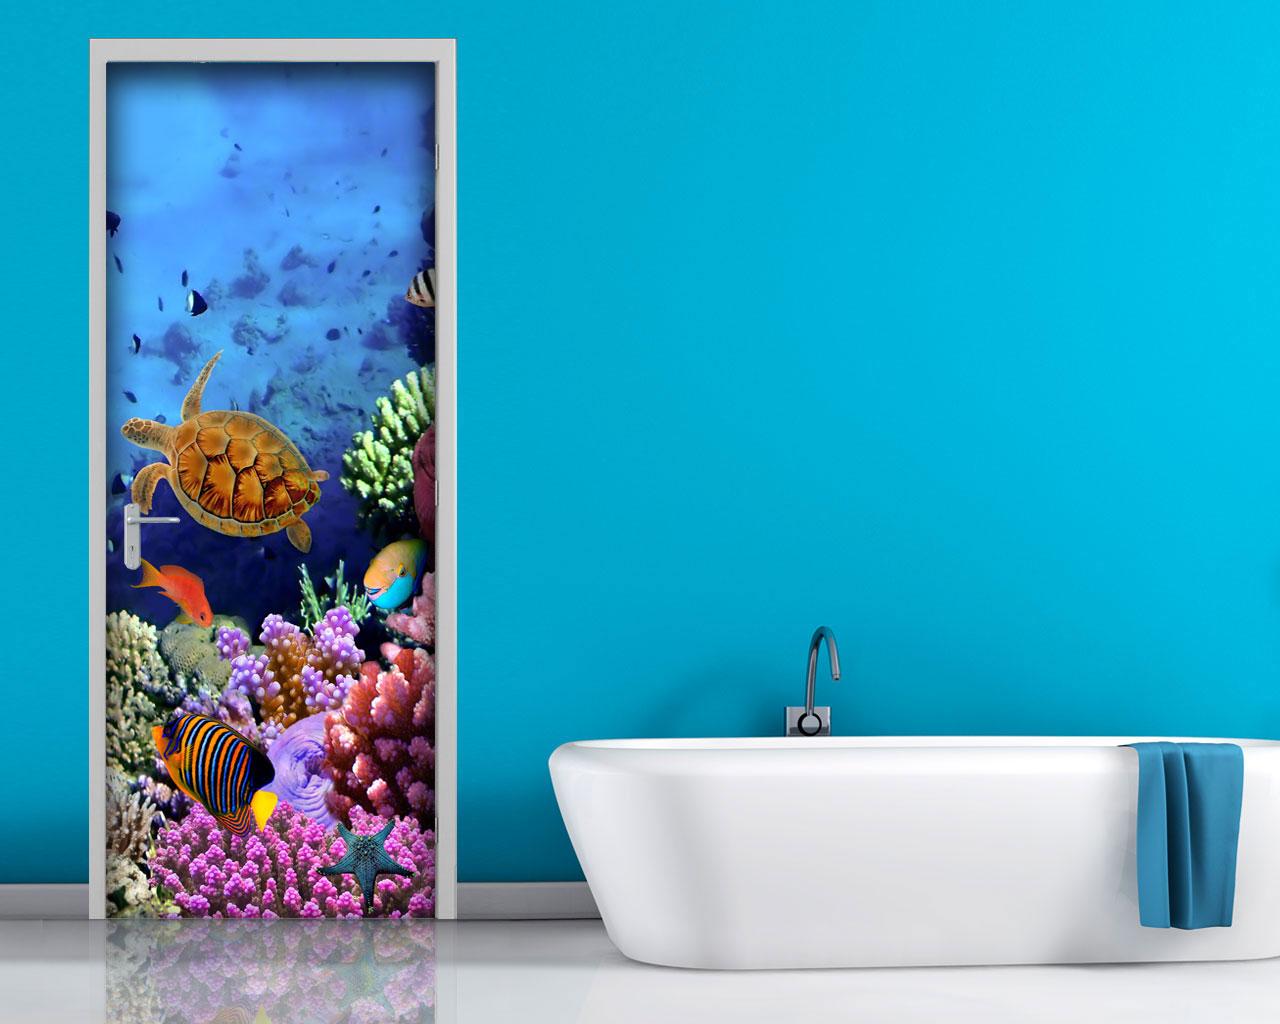 Pesci e coralli animali adesivo per porte interni - Stickers porte interne ...